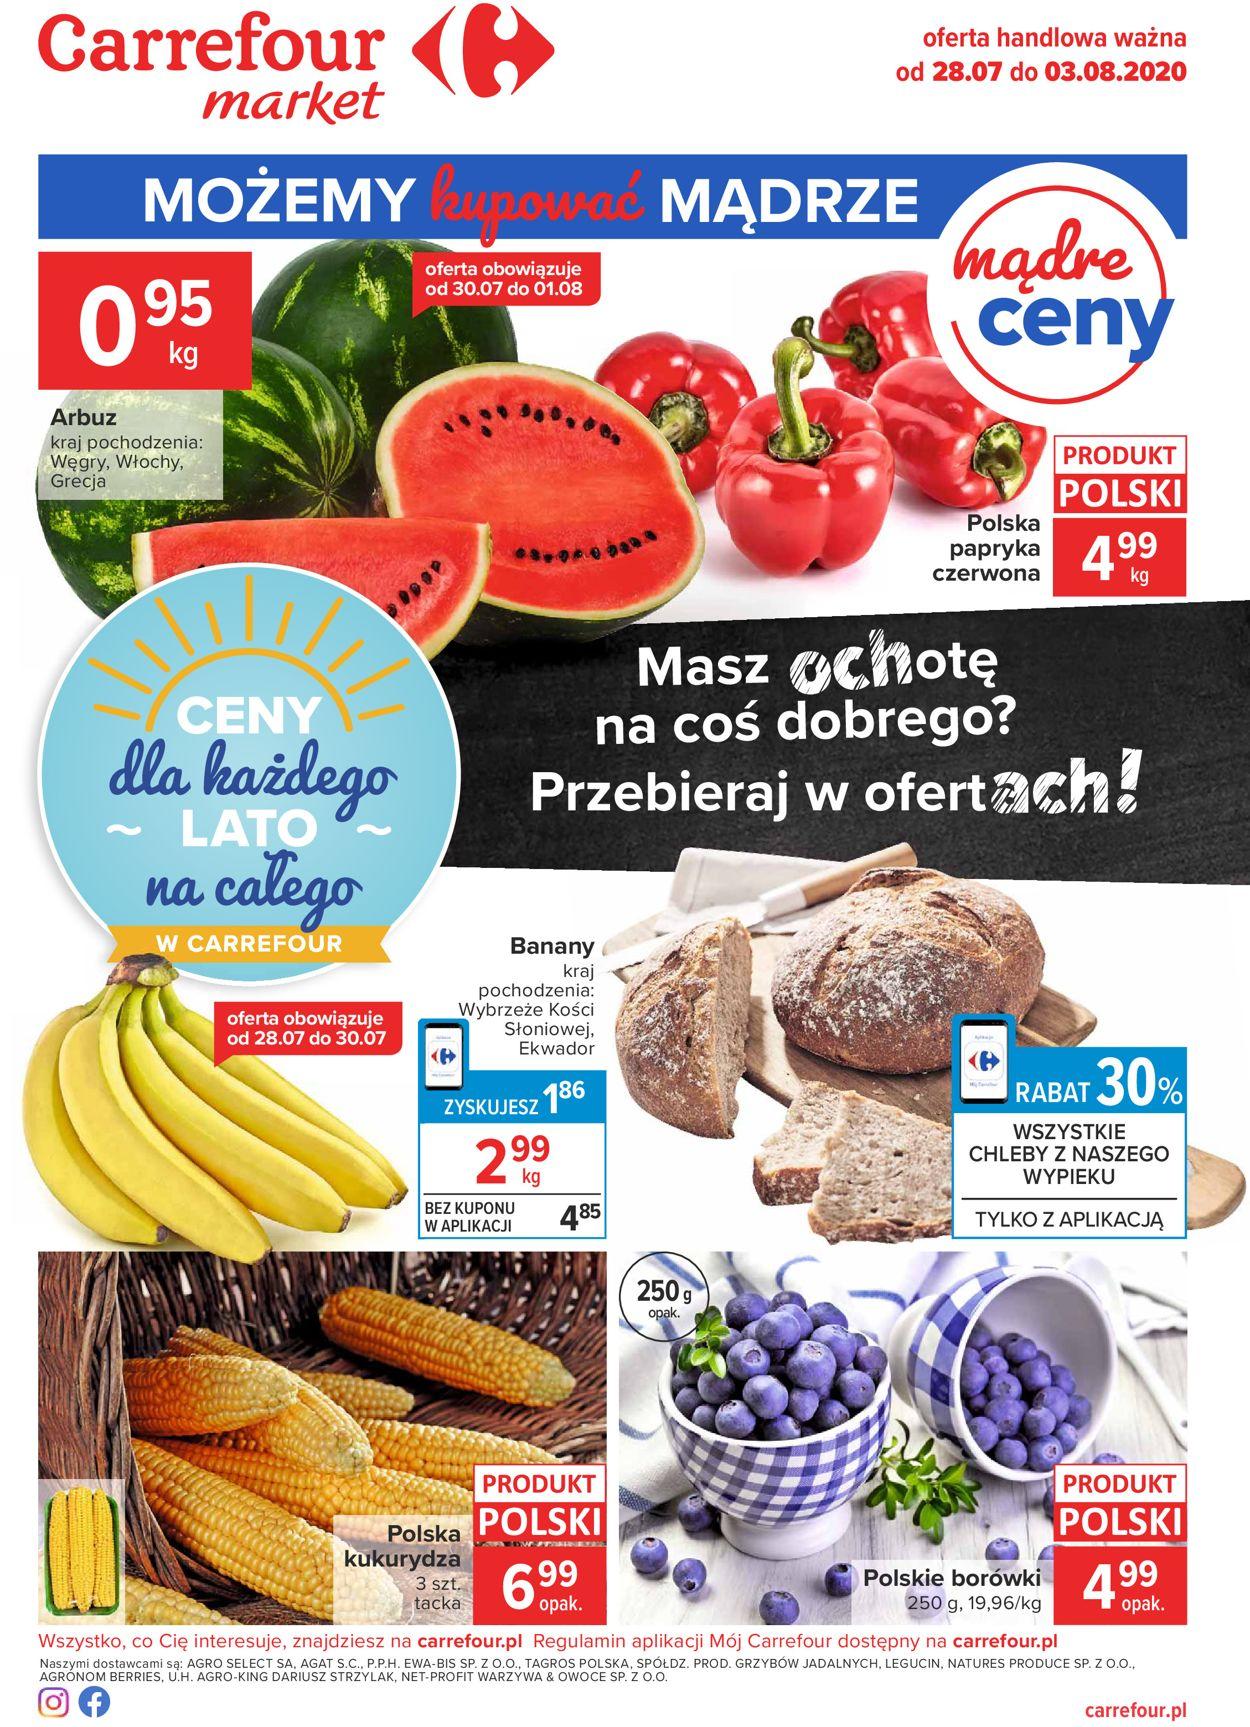 Gazetka promocyjna Carrefour Market - 28.07-03.08.2020